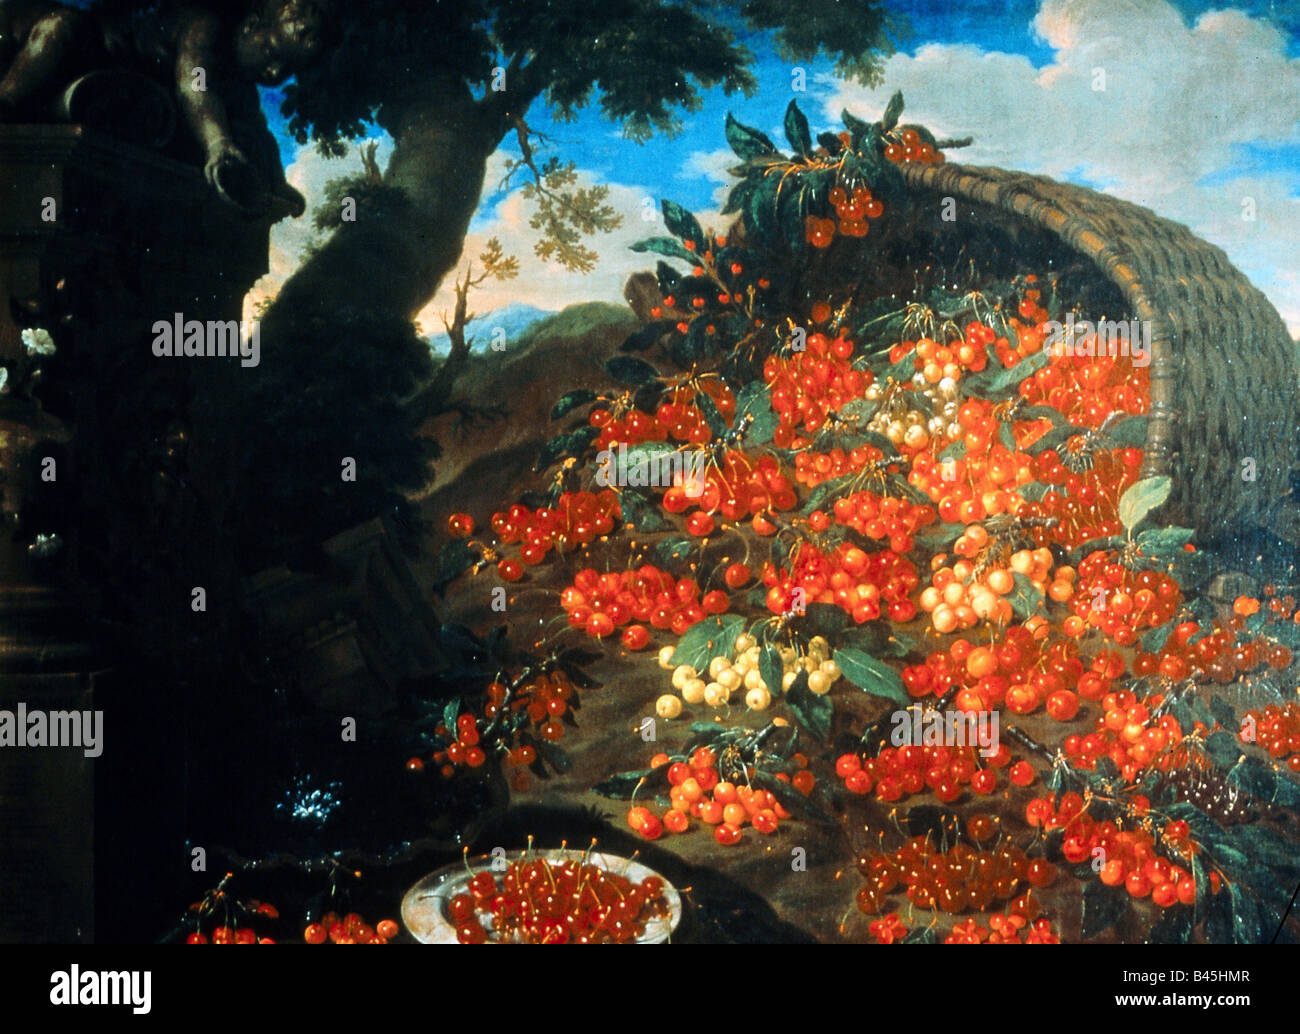 Belle arti, bimbi, Bartolomeo (1648 - 1730), 'diverse varieta di ciliegie', , artista del diritto d'autore non deve Foto Stock